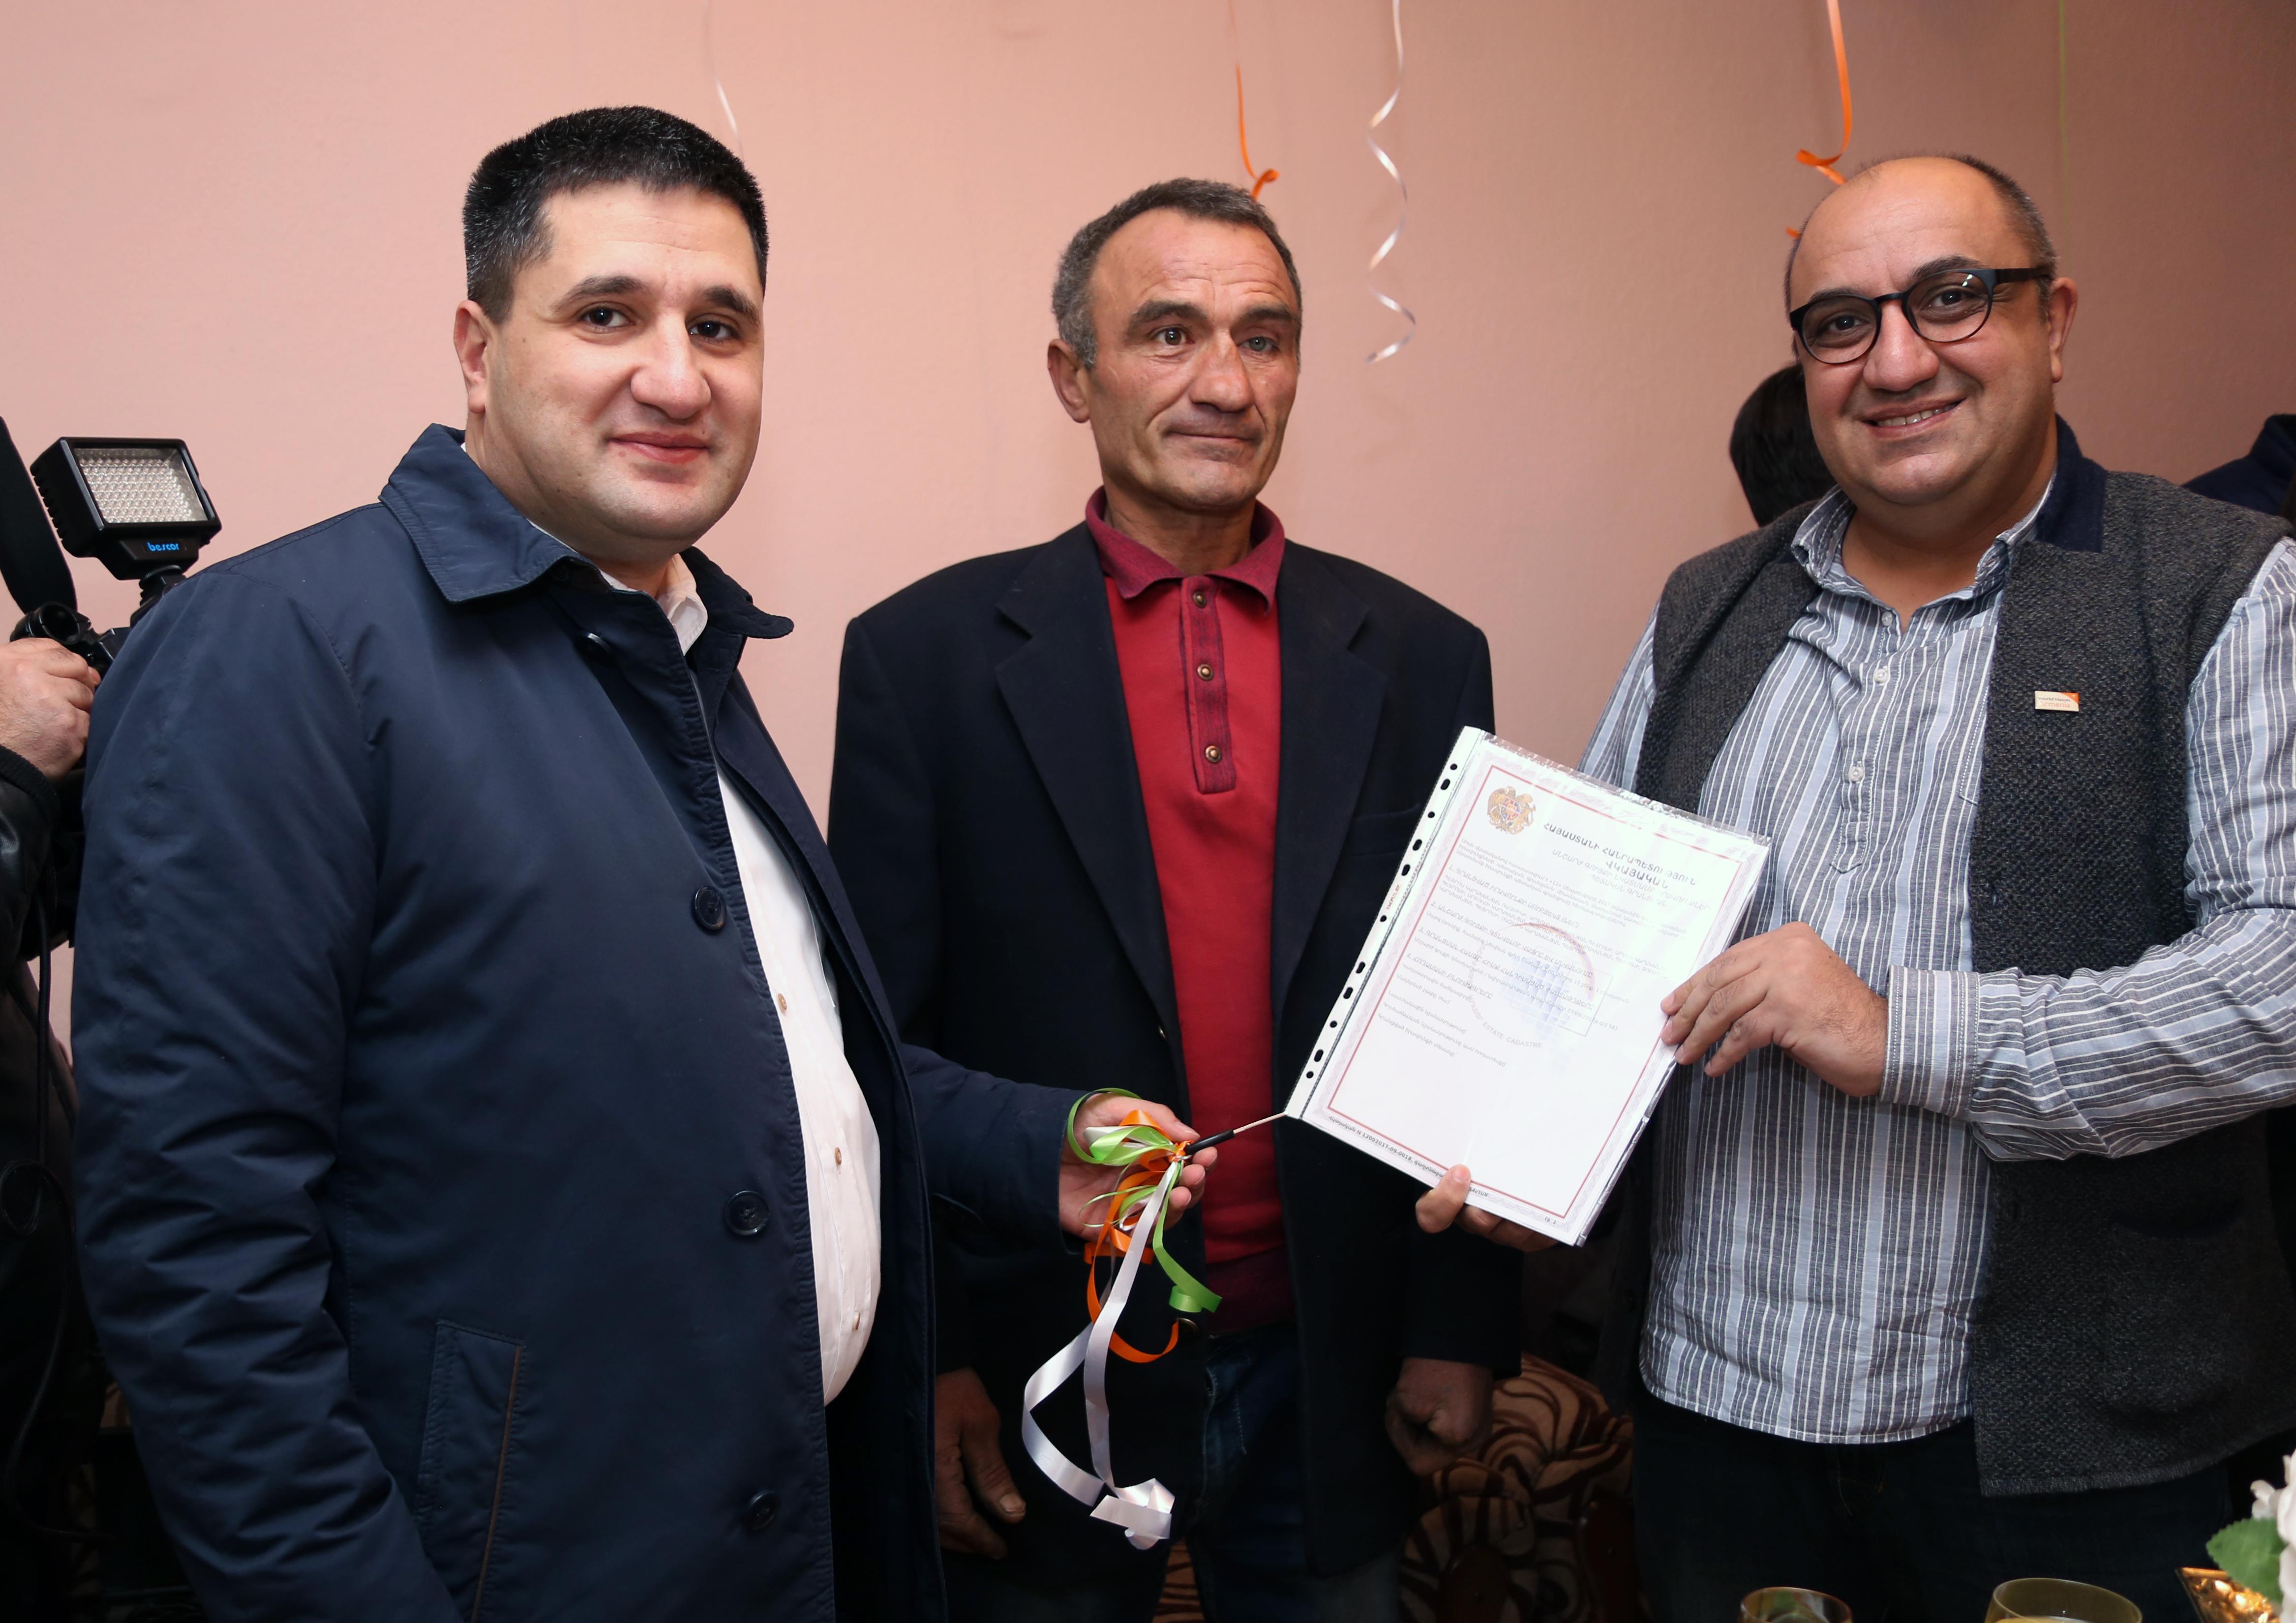 Ucom. բաժանորդների շնորհիվ Կարախանյանների ընտանիքը տոնեց բնակարանամուտը